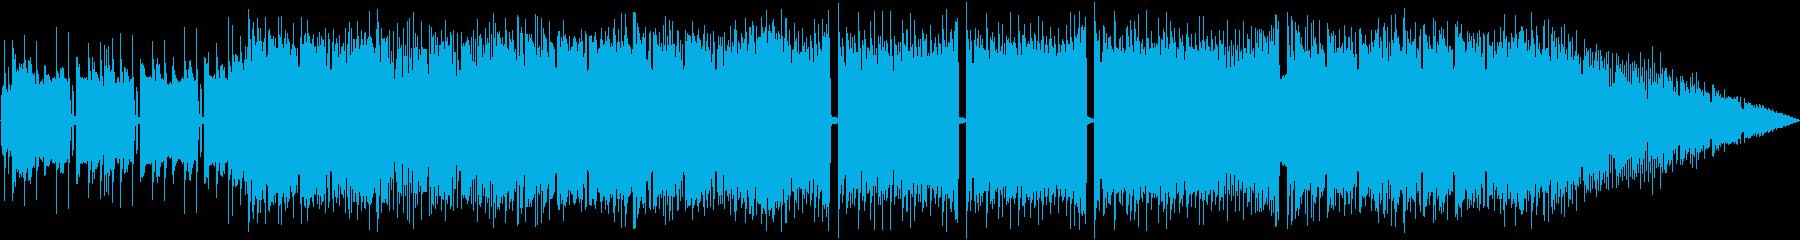 バトル チップチューン 008の再生済みの波形